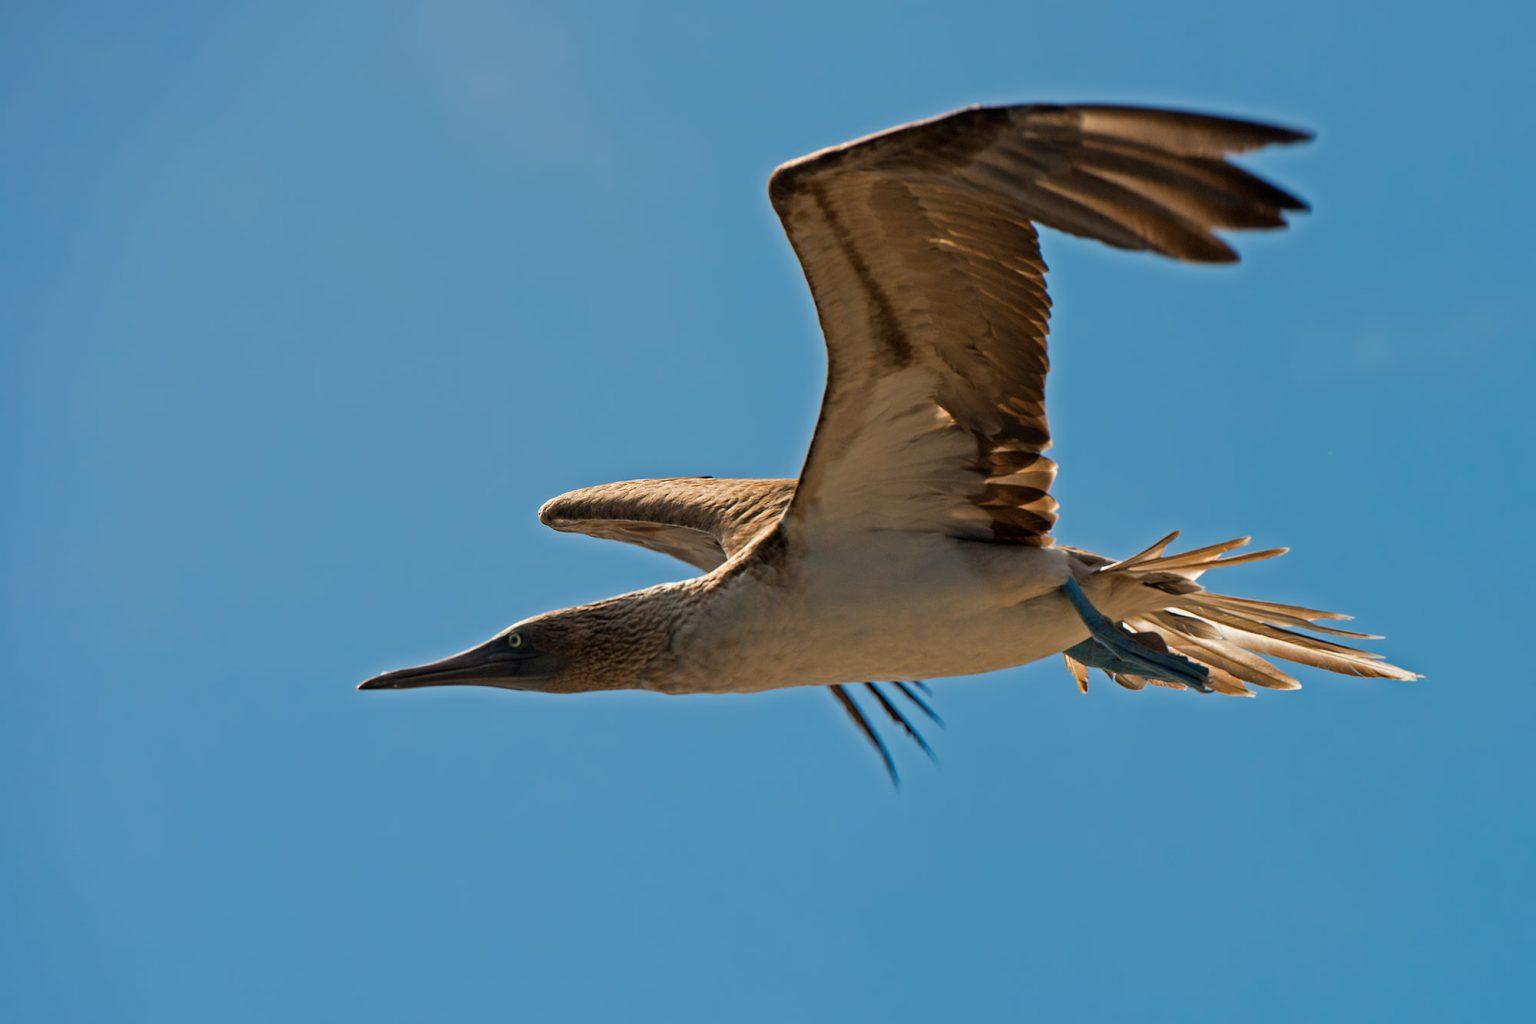 Galapagos Islands Seabird, Wasservogel